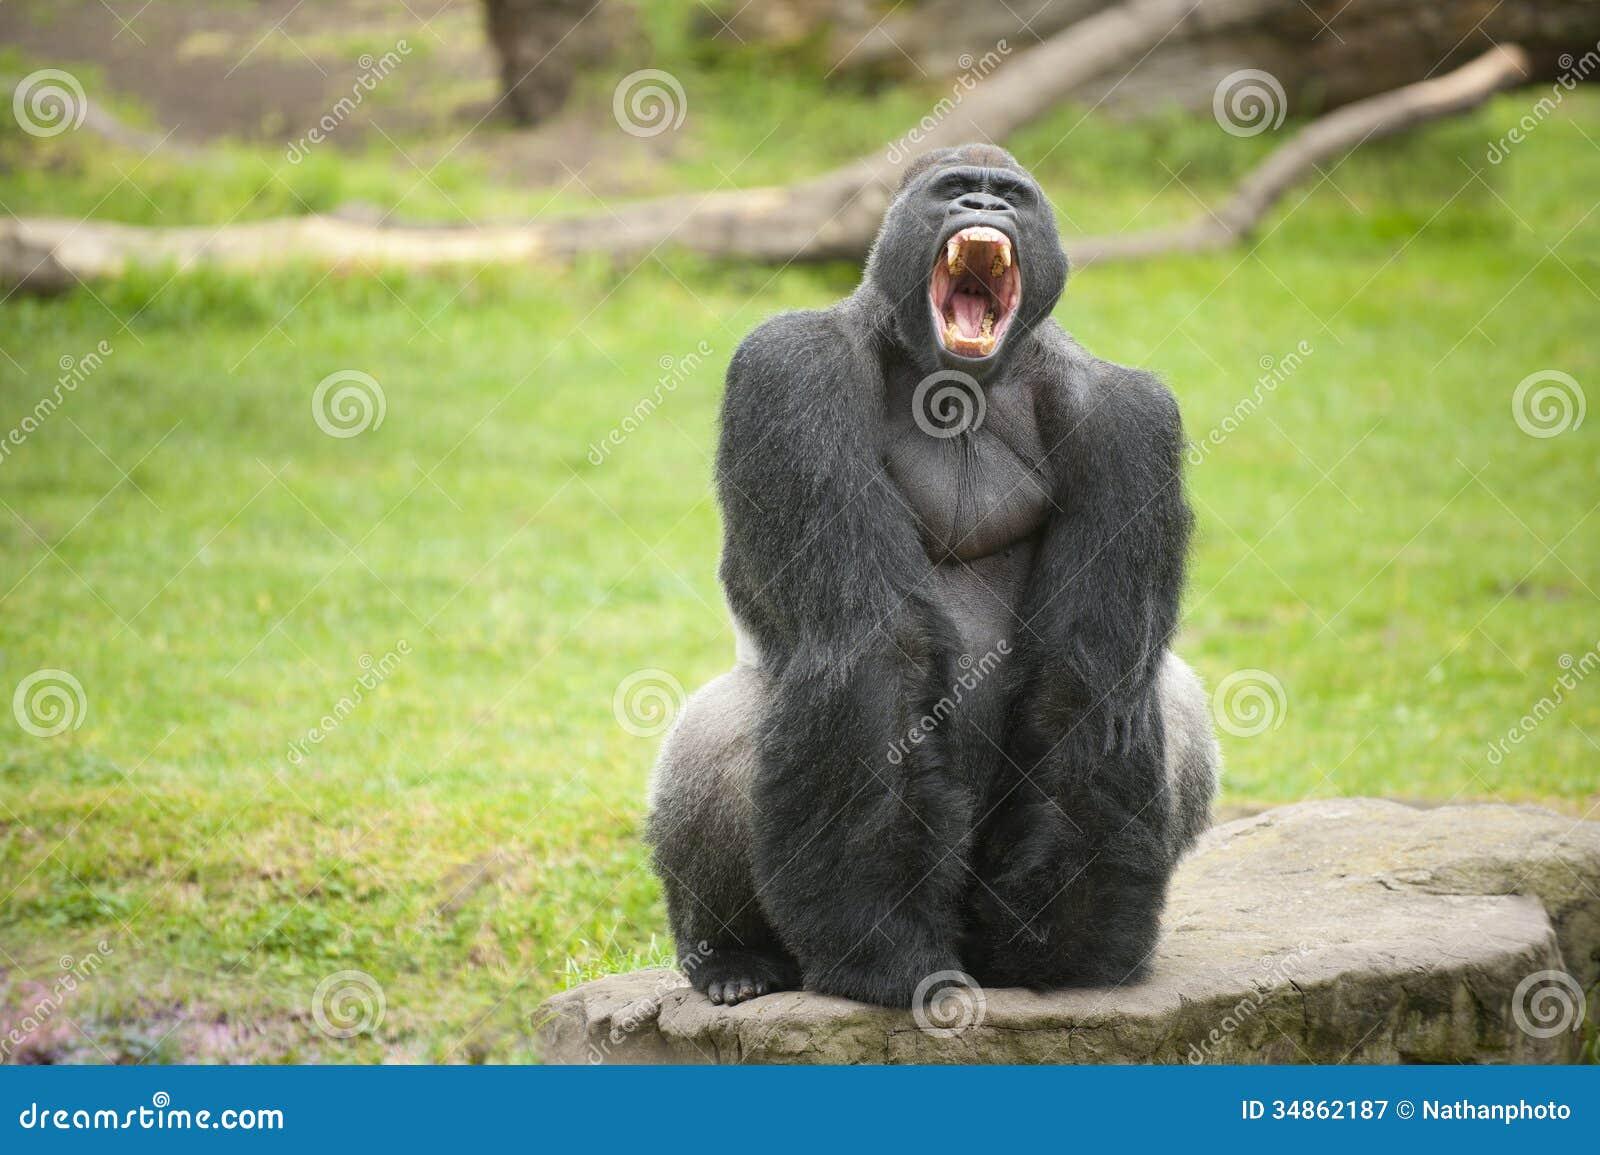 baby gorilla clipart